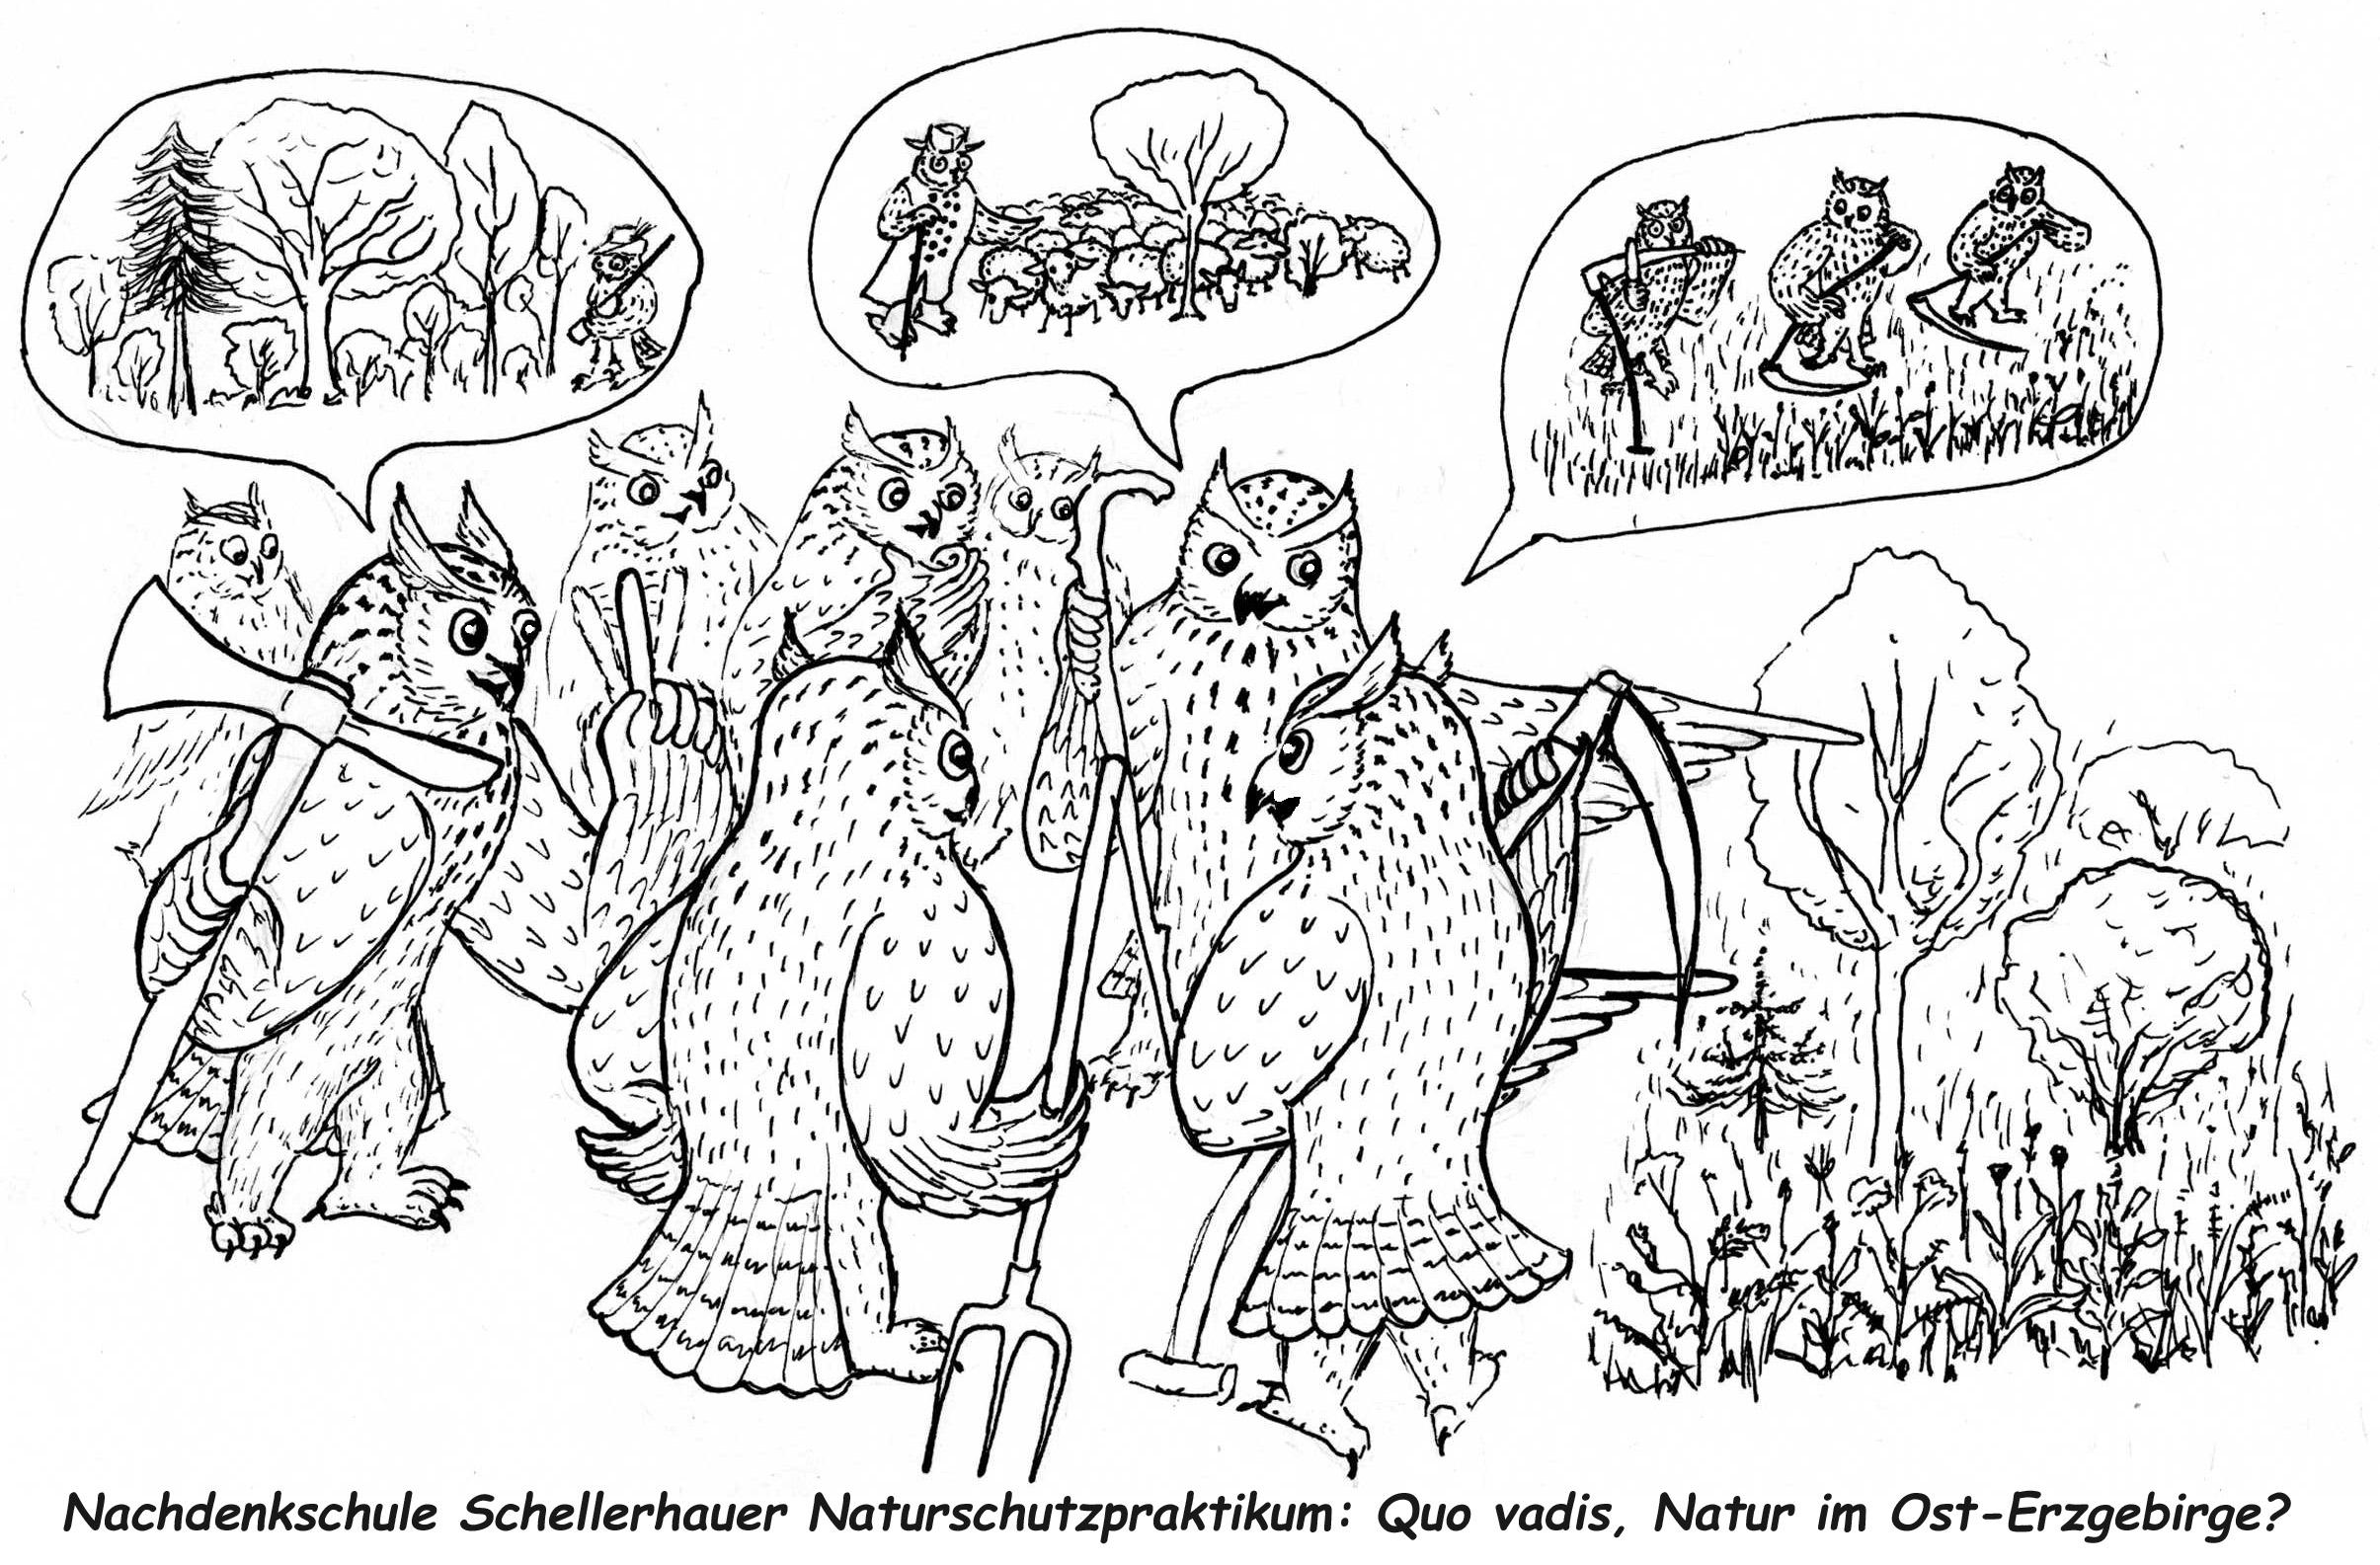 """Schellerhauer Naturschutzpraktikum 6. bis 13. August und Zusatzpraktikum """"Internationales Praxisseminar Naturschutz"""" 20. bis 26. August"""